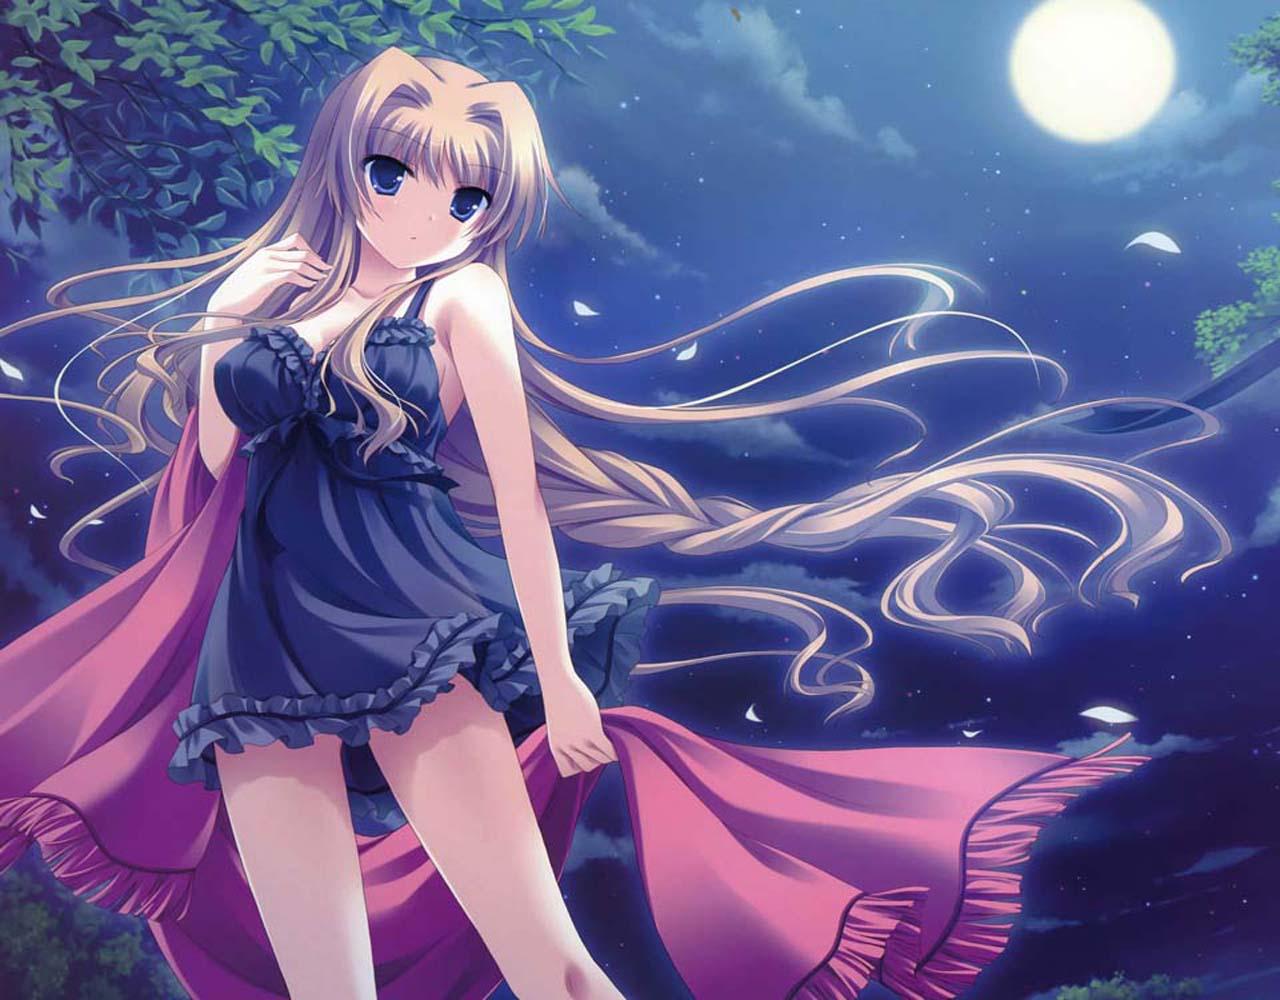 Gambar Anime 3 Hacanimadream